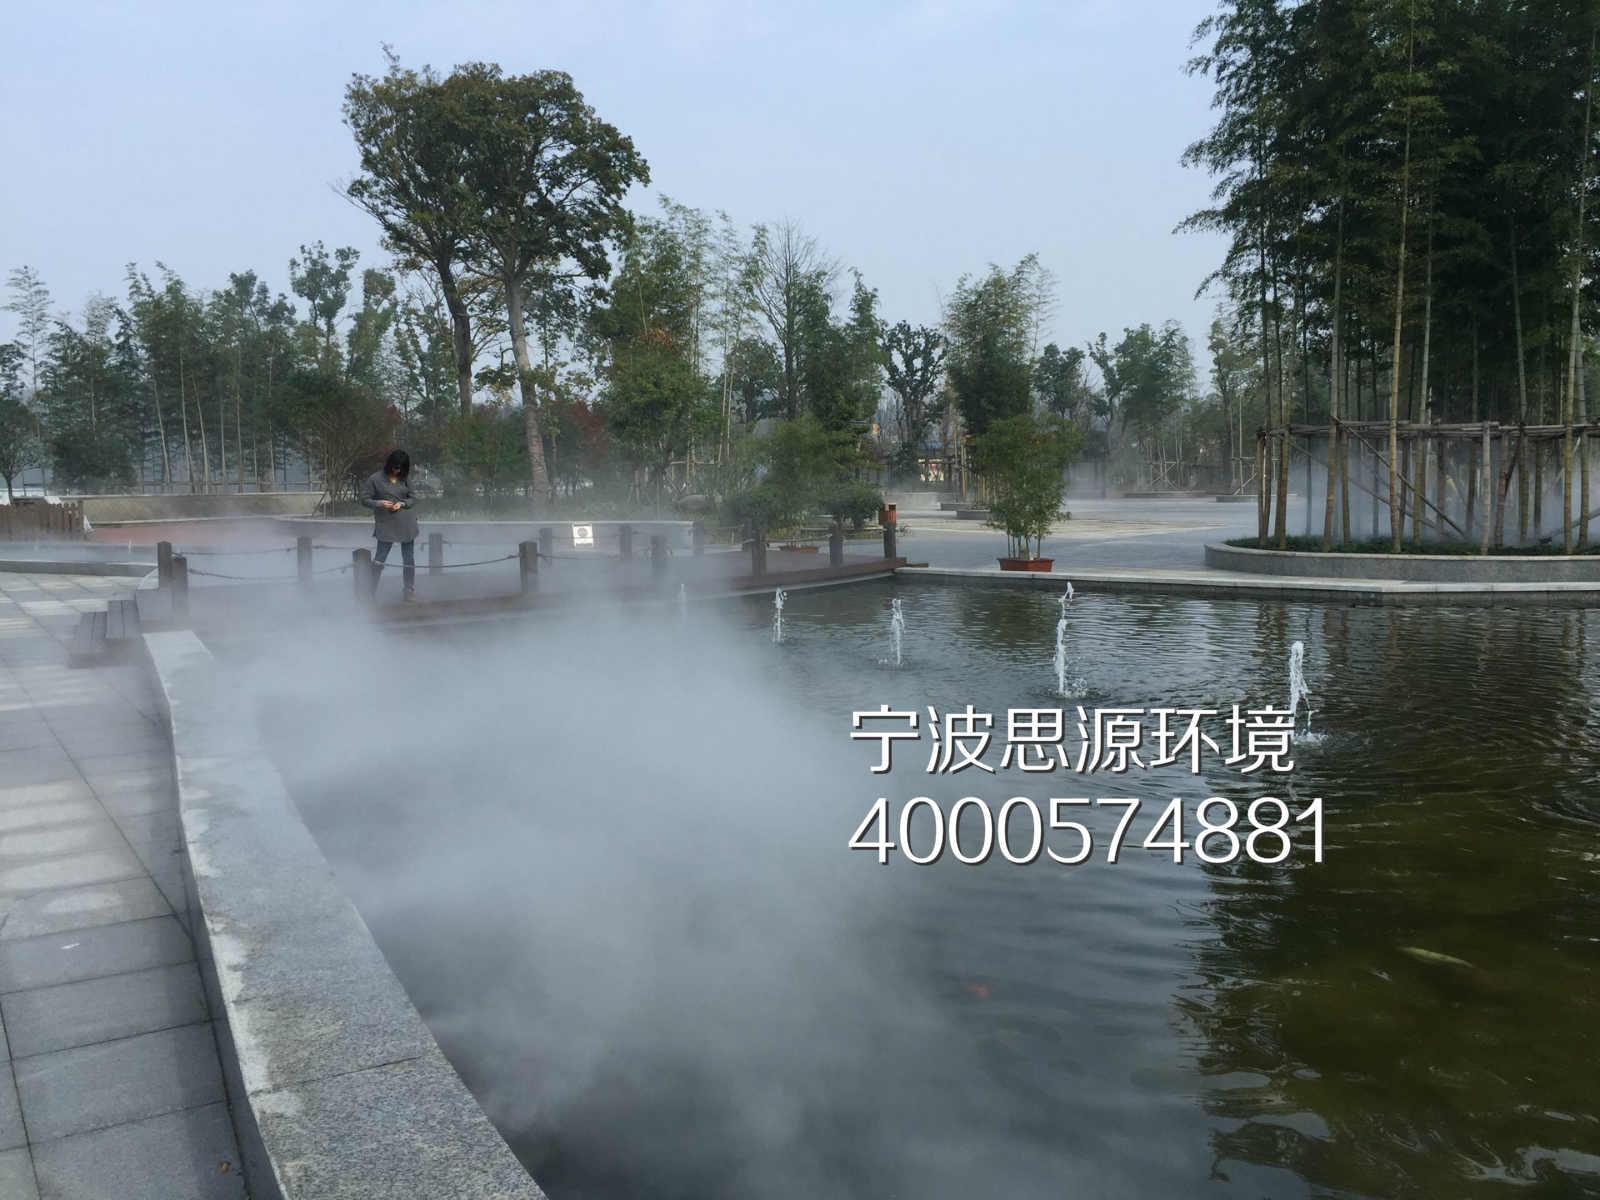 模拟雨雾天|雾森|人工